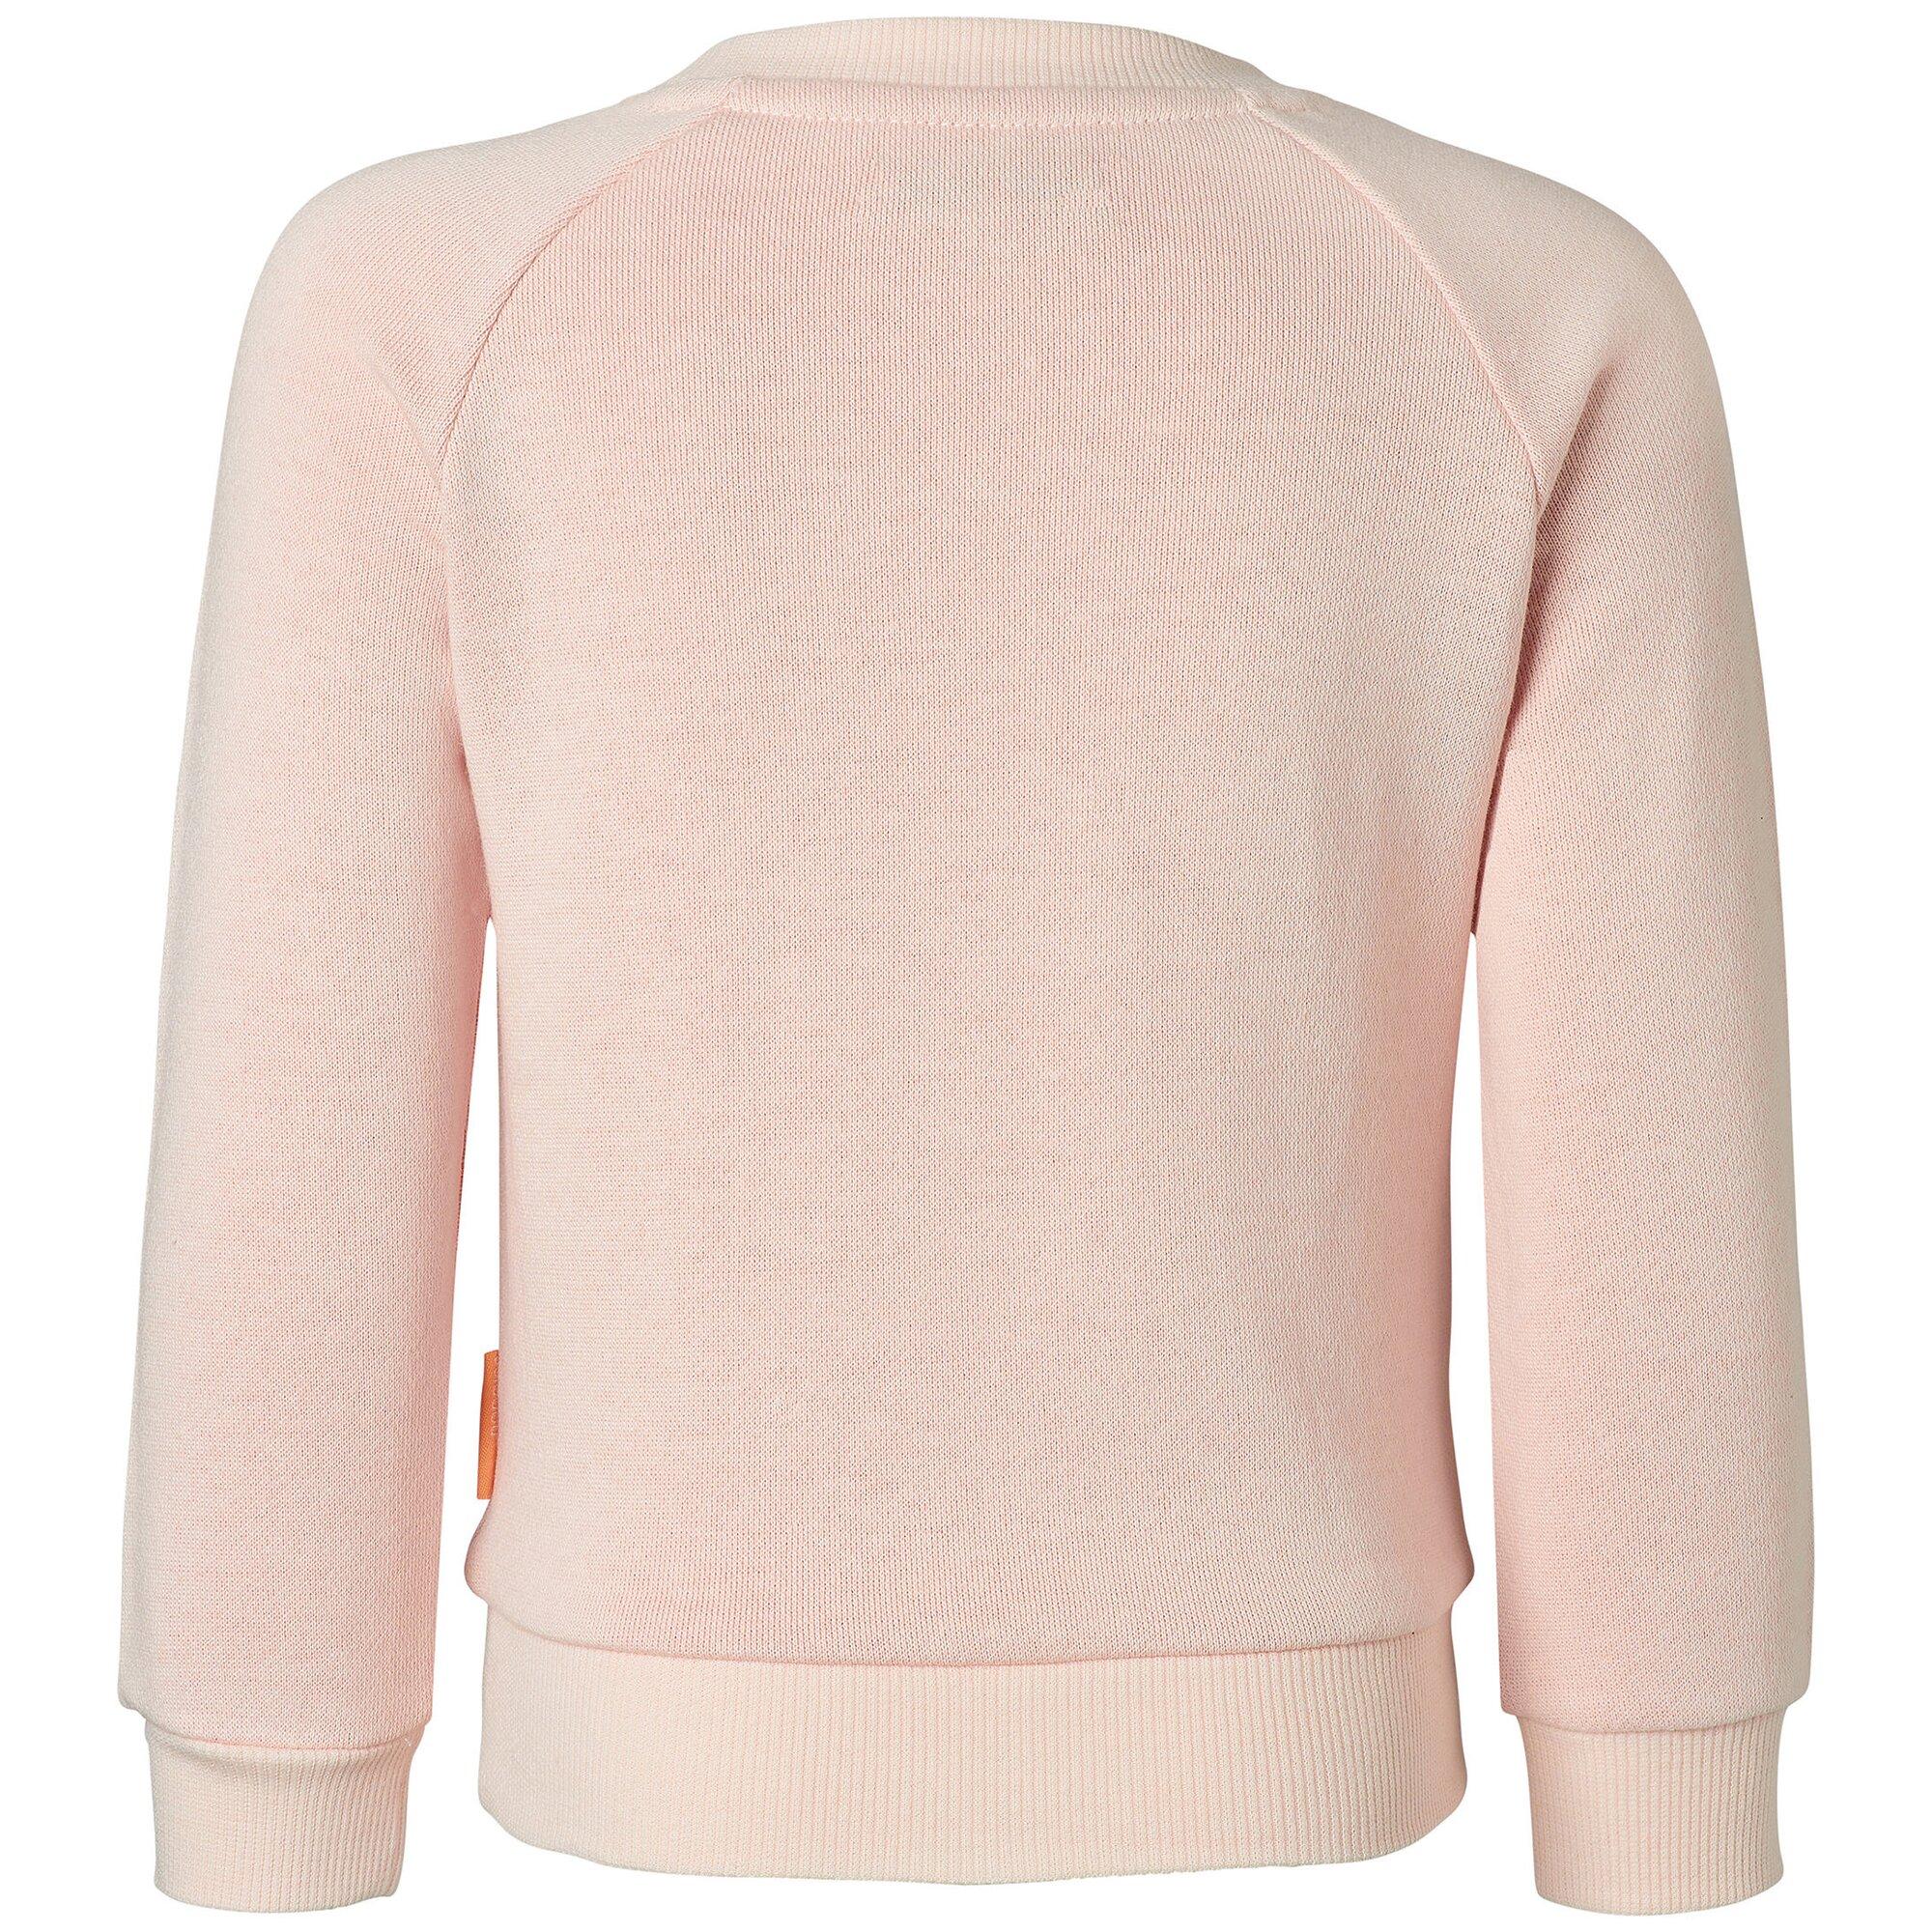 noppies-pullover-leetza, 29.99 EUR @ babywalz-de